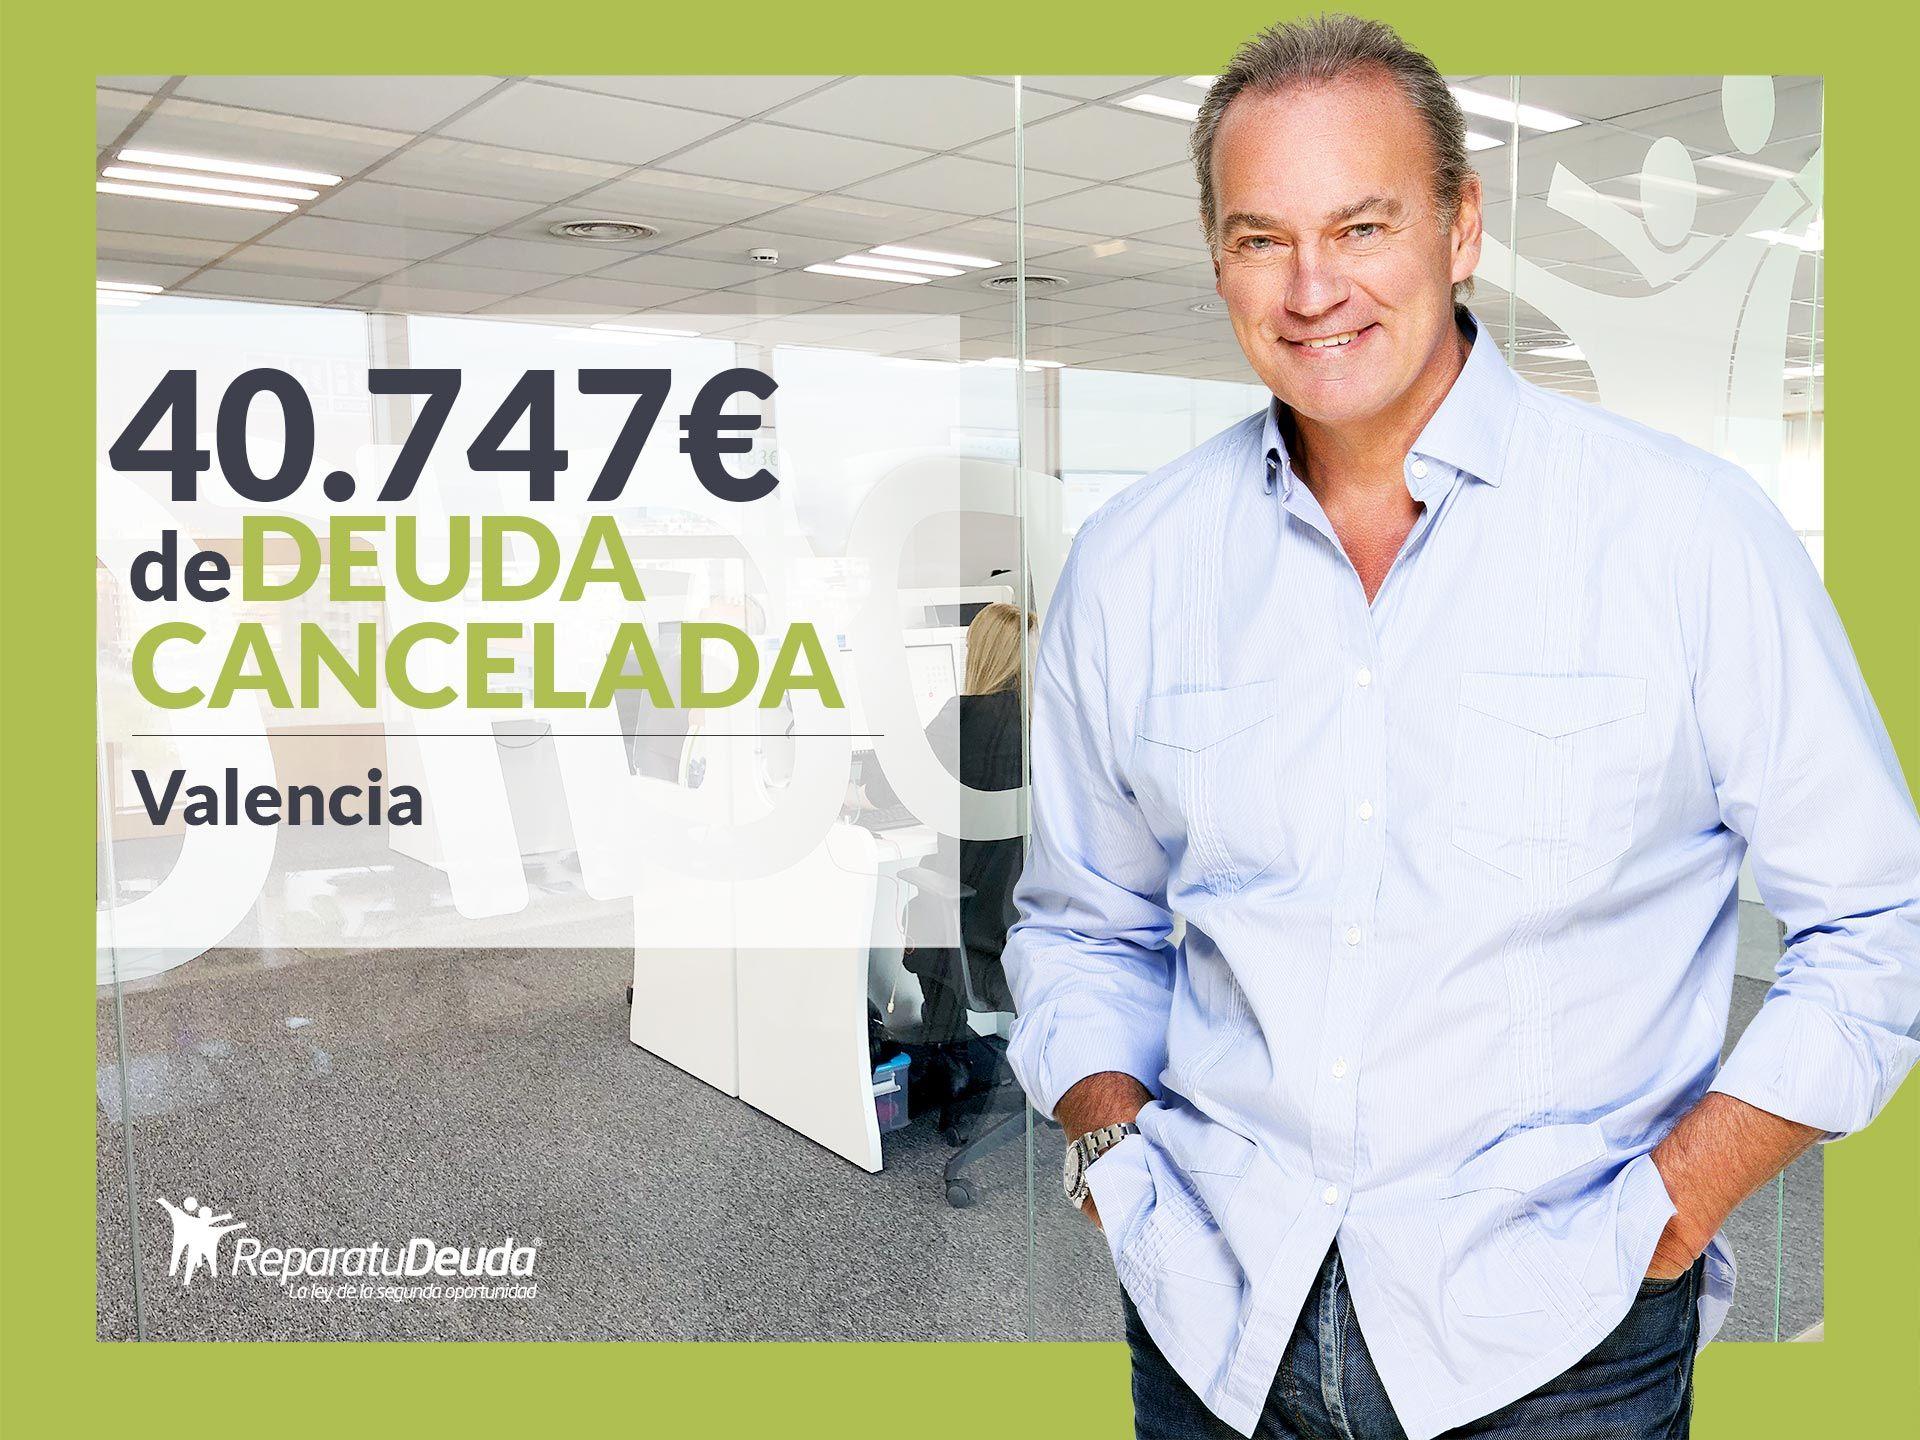 Repara tu Deuda Abogados cancela 40.747 ? en Valencia gracias a la Ley de Segunda Oportunidad